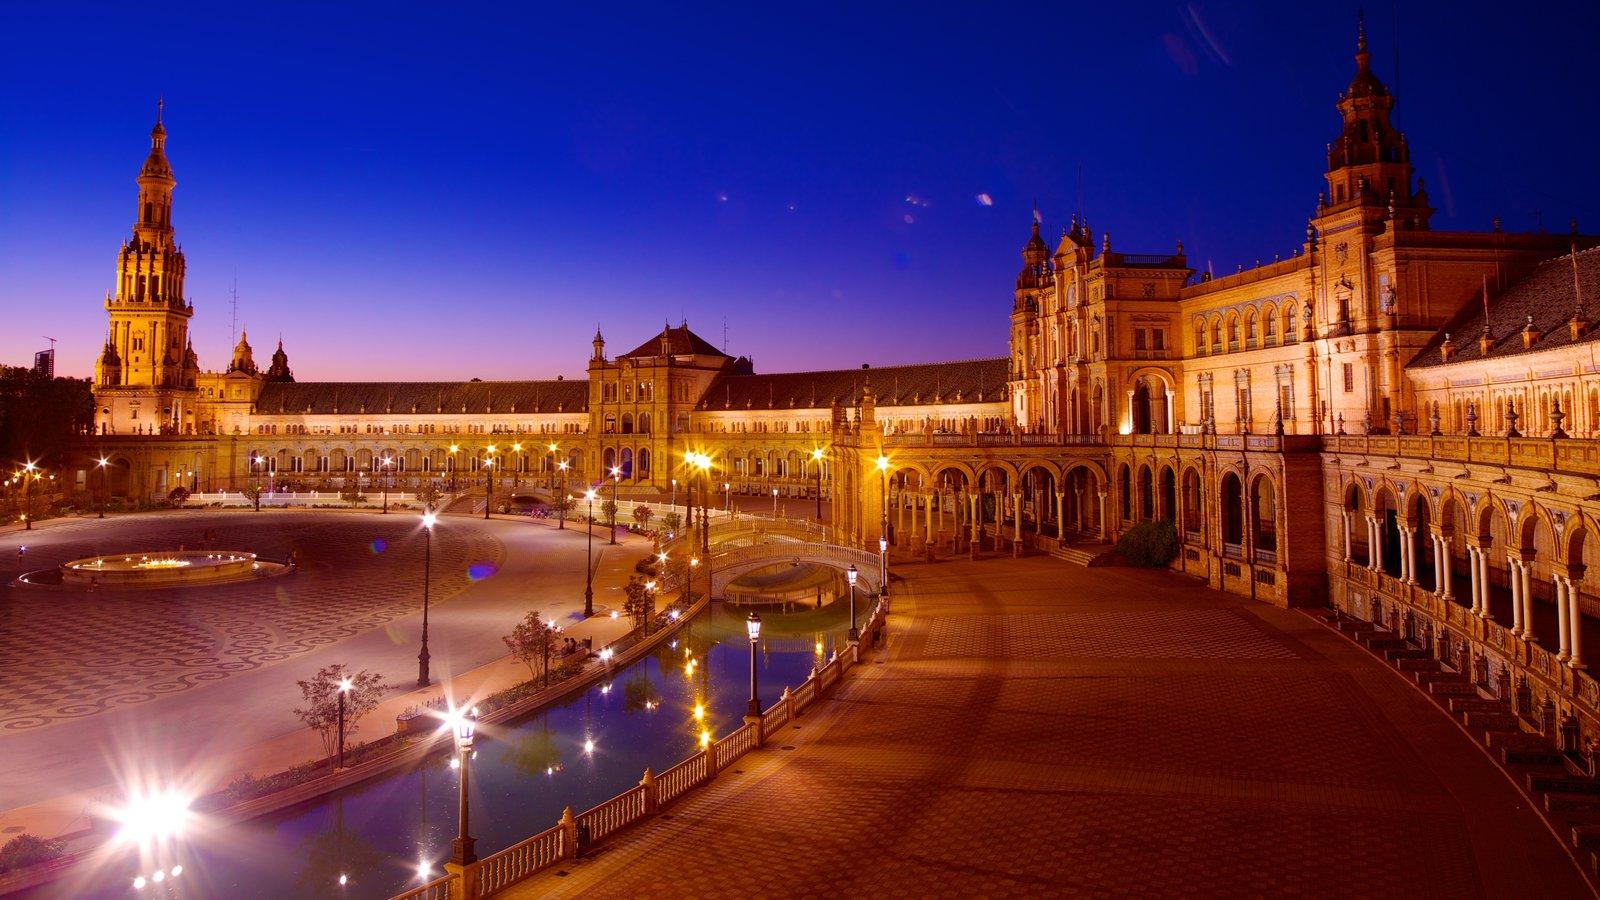 Plaza de España mostrando uma cidade, cenas noturnas e arquitetura de patrimônio